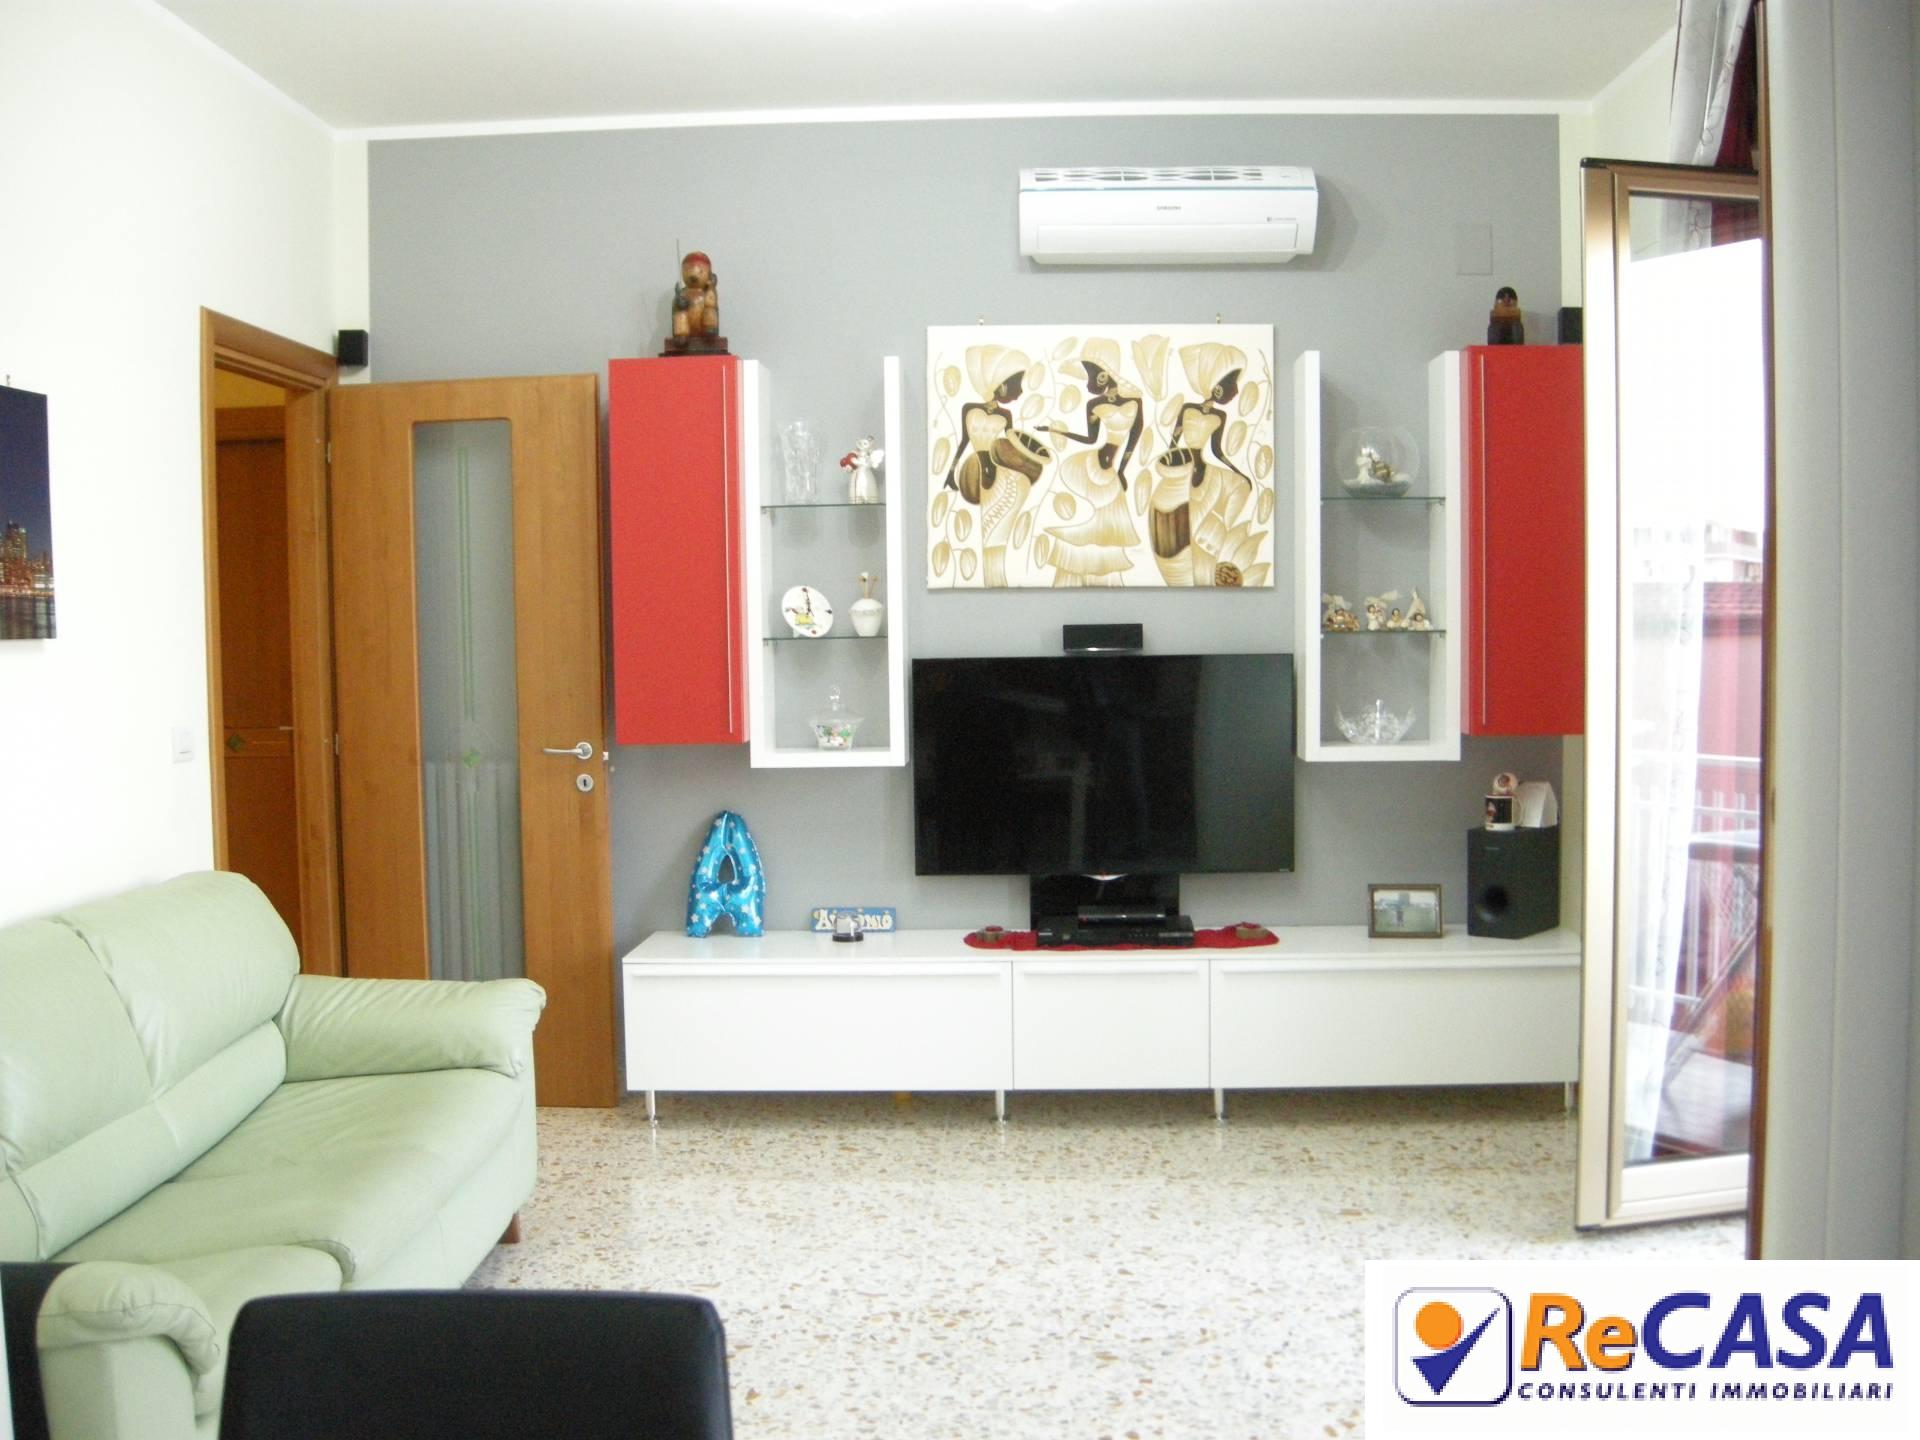 Appartamento in vendita a Pontecagnano Faiano, 3 locali, zona Zona: Pontecagnano, prezzo € 120.000 | CambioCasa.it